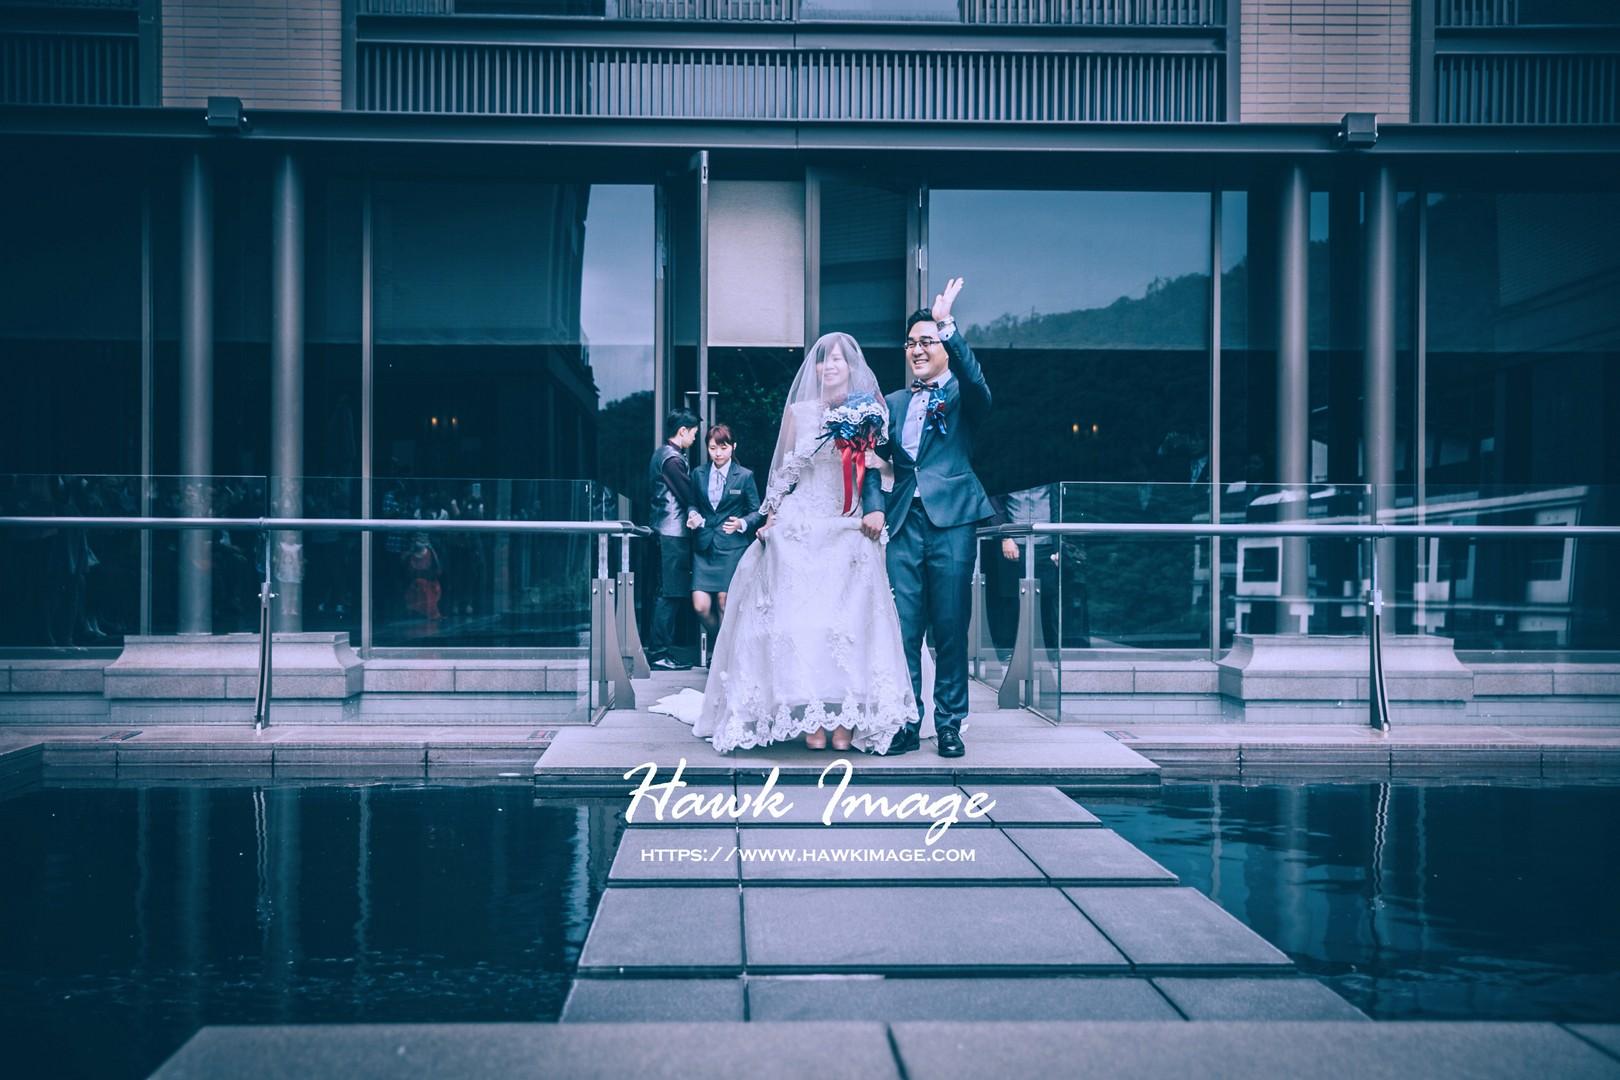 婚紗攝影預約單 婚攝作品,婚攝,婚禮錄影高雄,教堂婚禮錄影推薦